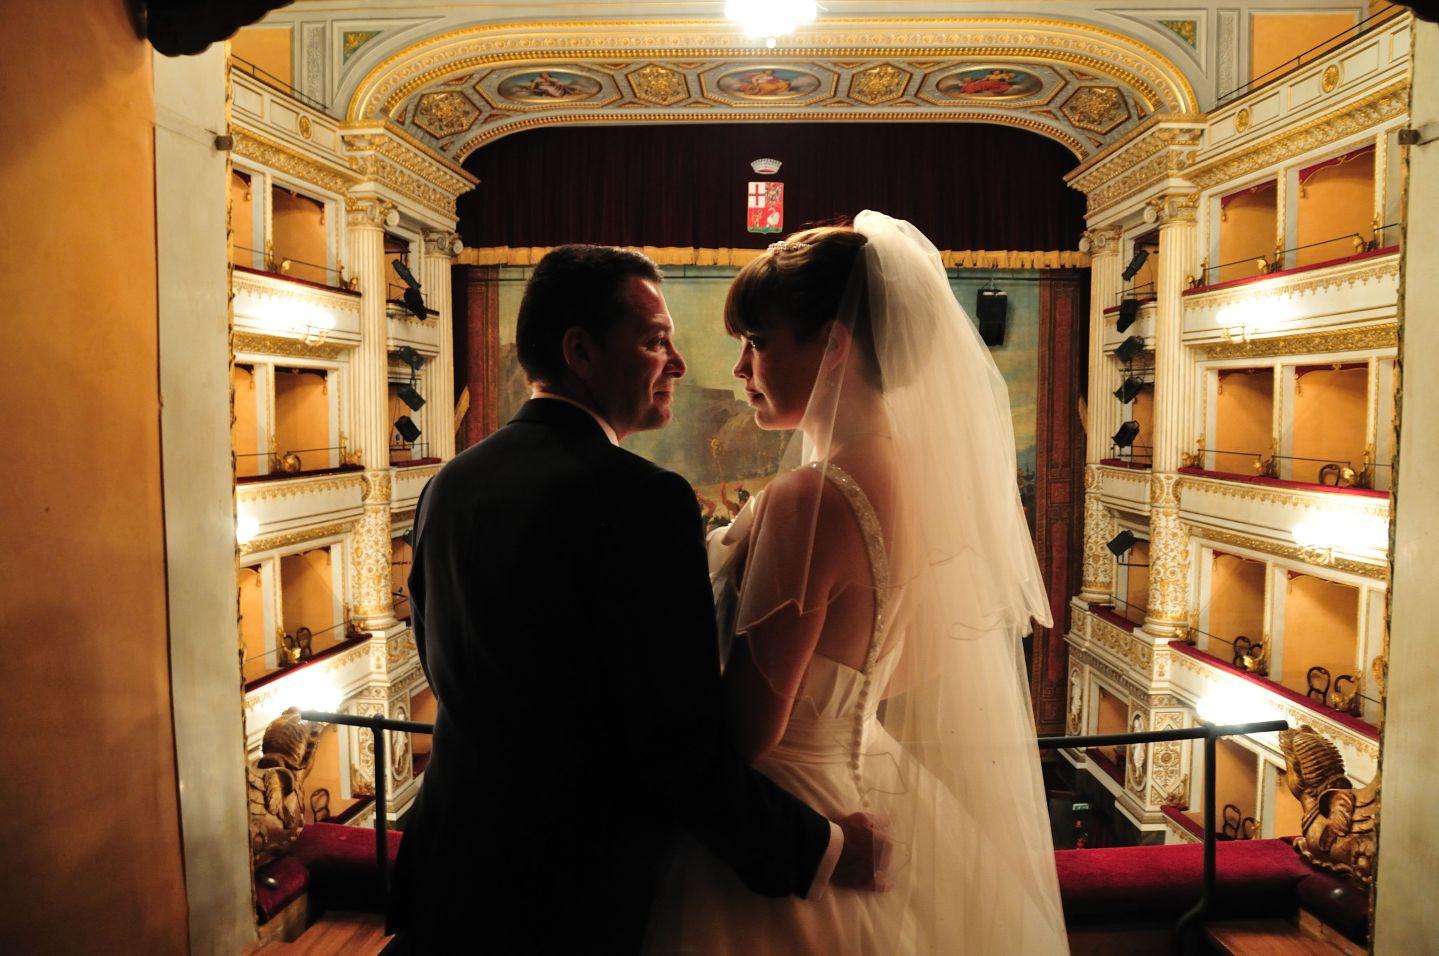 Il nostro matrimonio – the big day